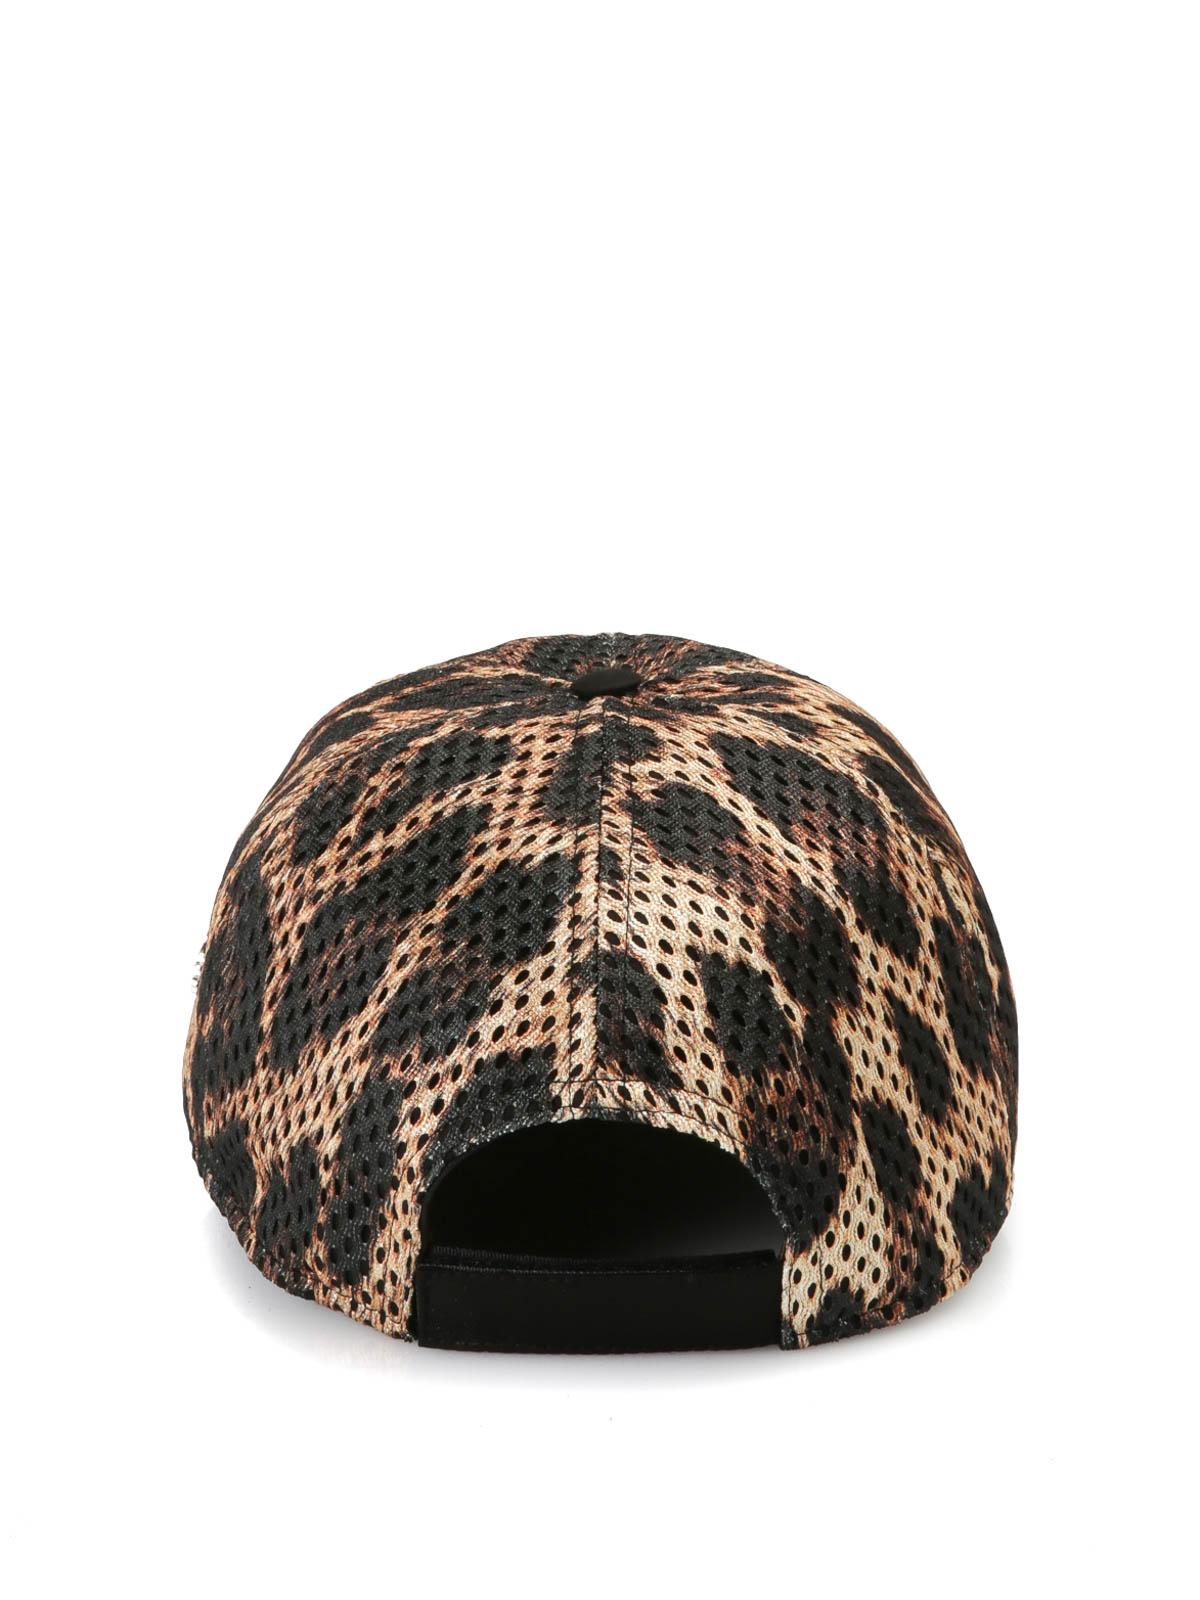 Roberto Cavalli - Baseball cap - hats   caps - C9EC03080515  3e5d9ffd538